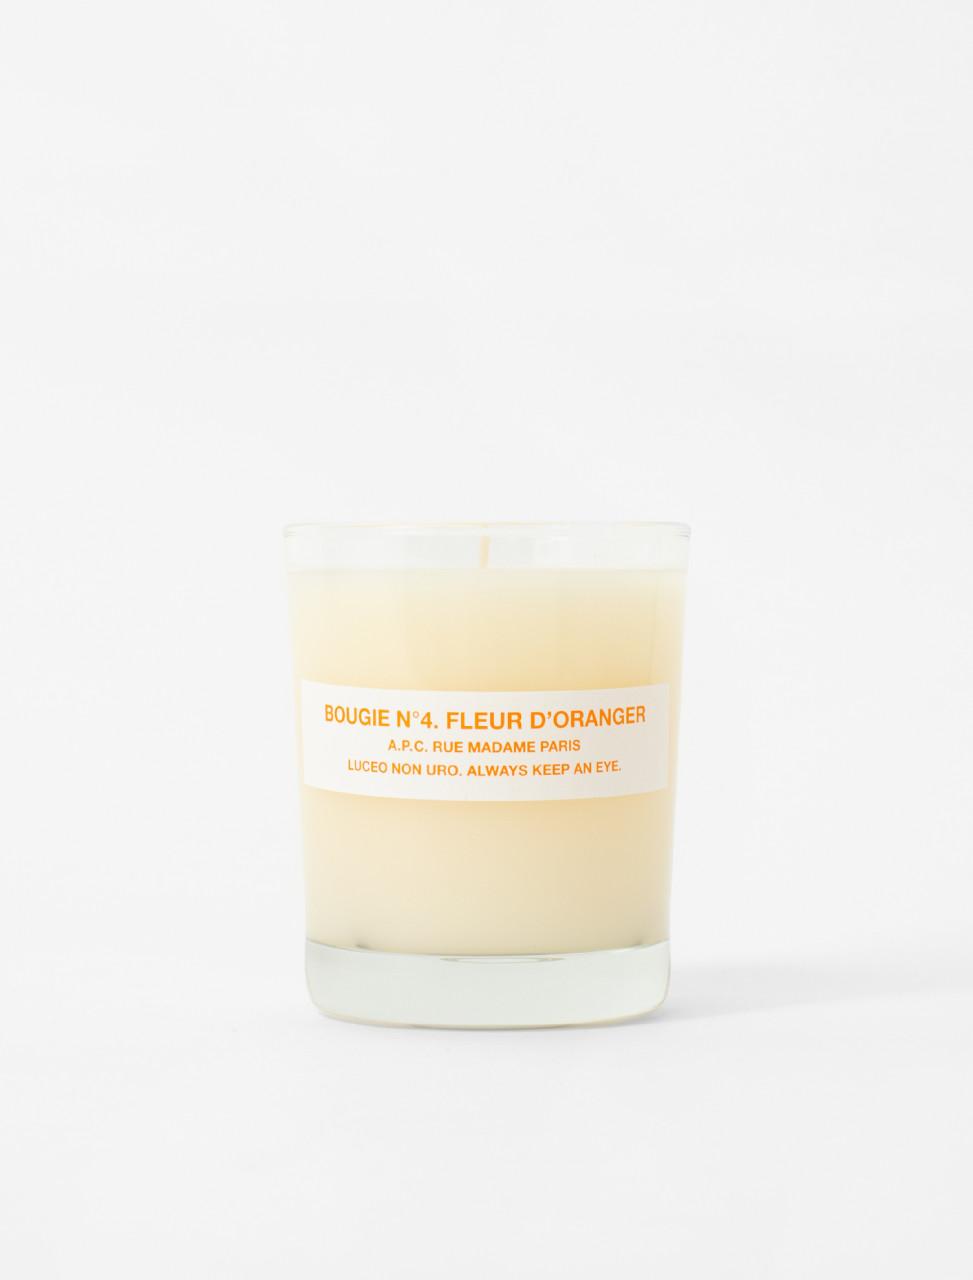 Bougie Parfumée No. 4 - Orange Flower